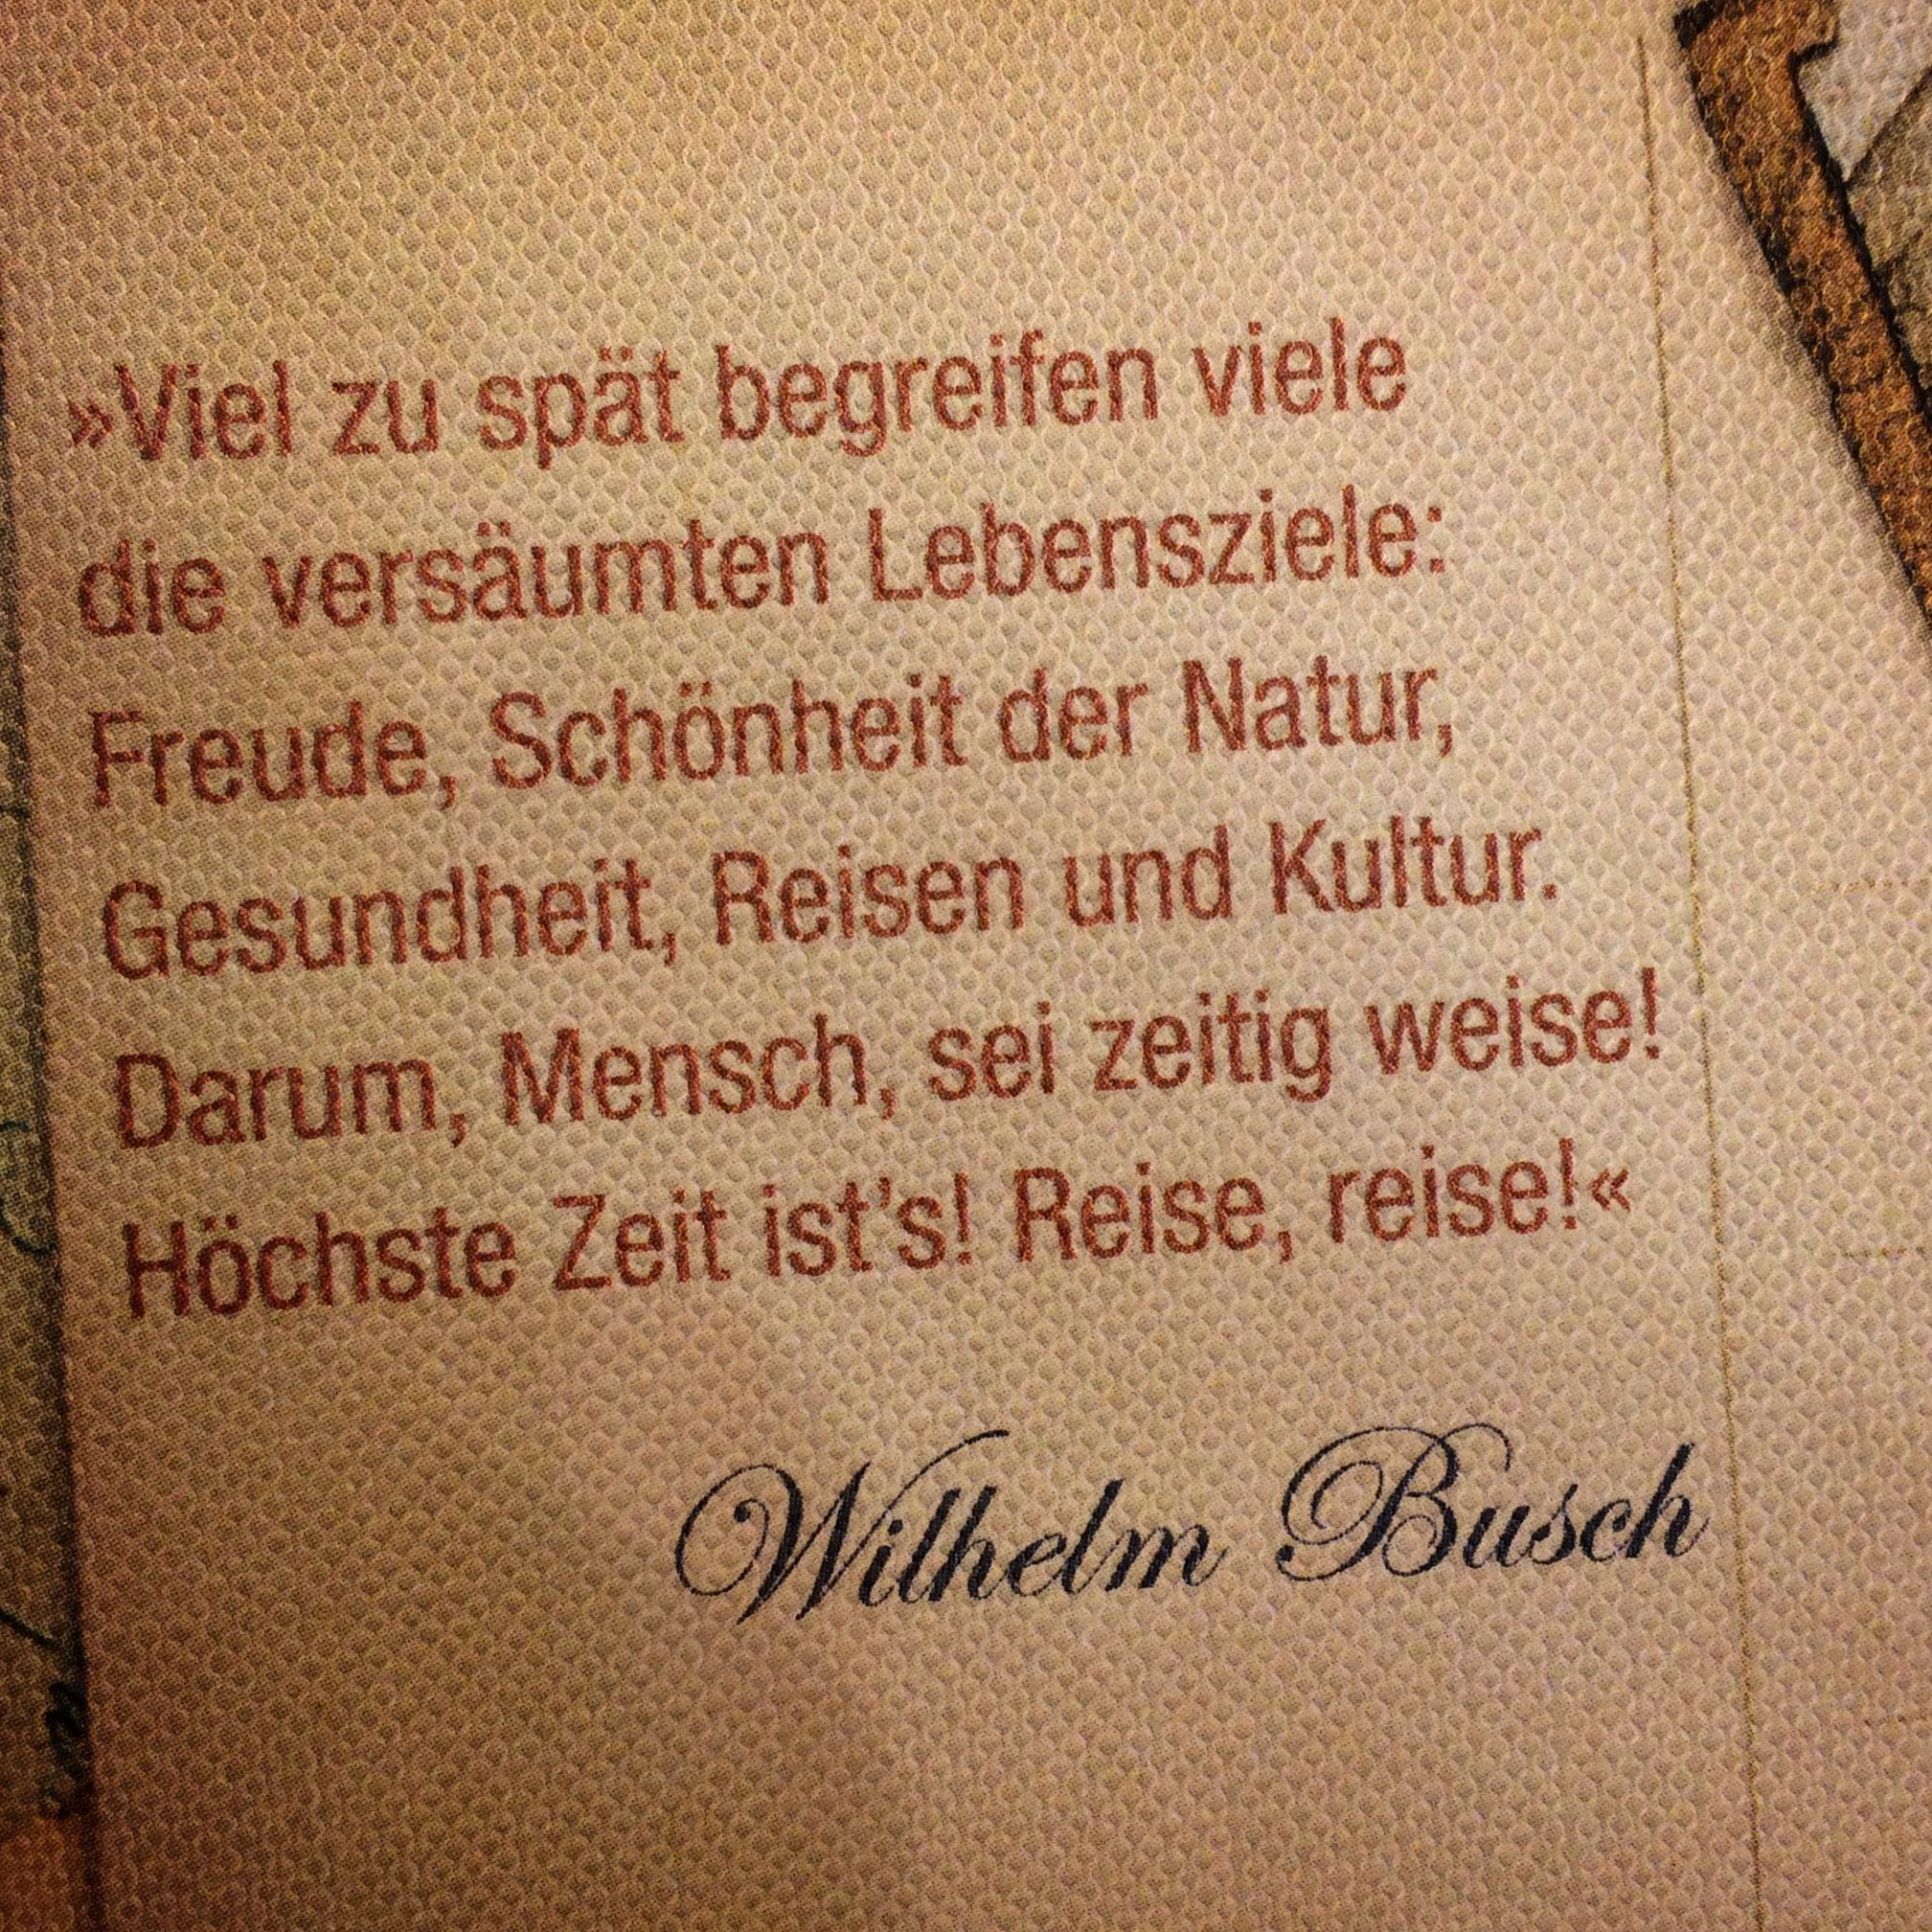 Pin Von Christiane Tse Auf Wilhelm Busch Zitate Hochzeit Zitate